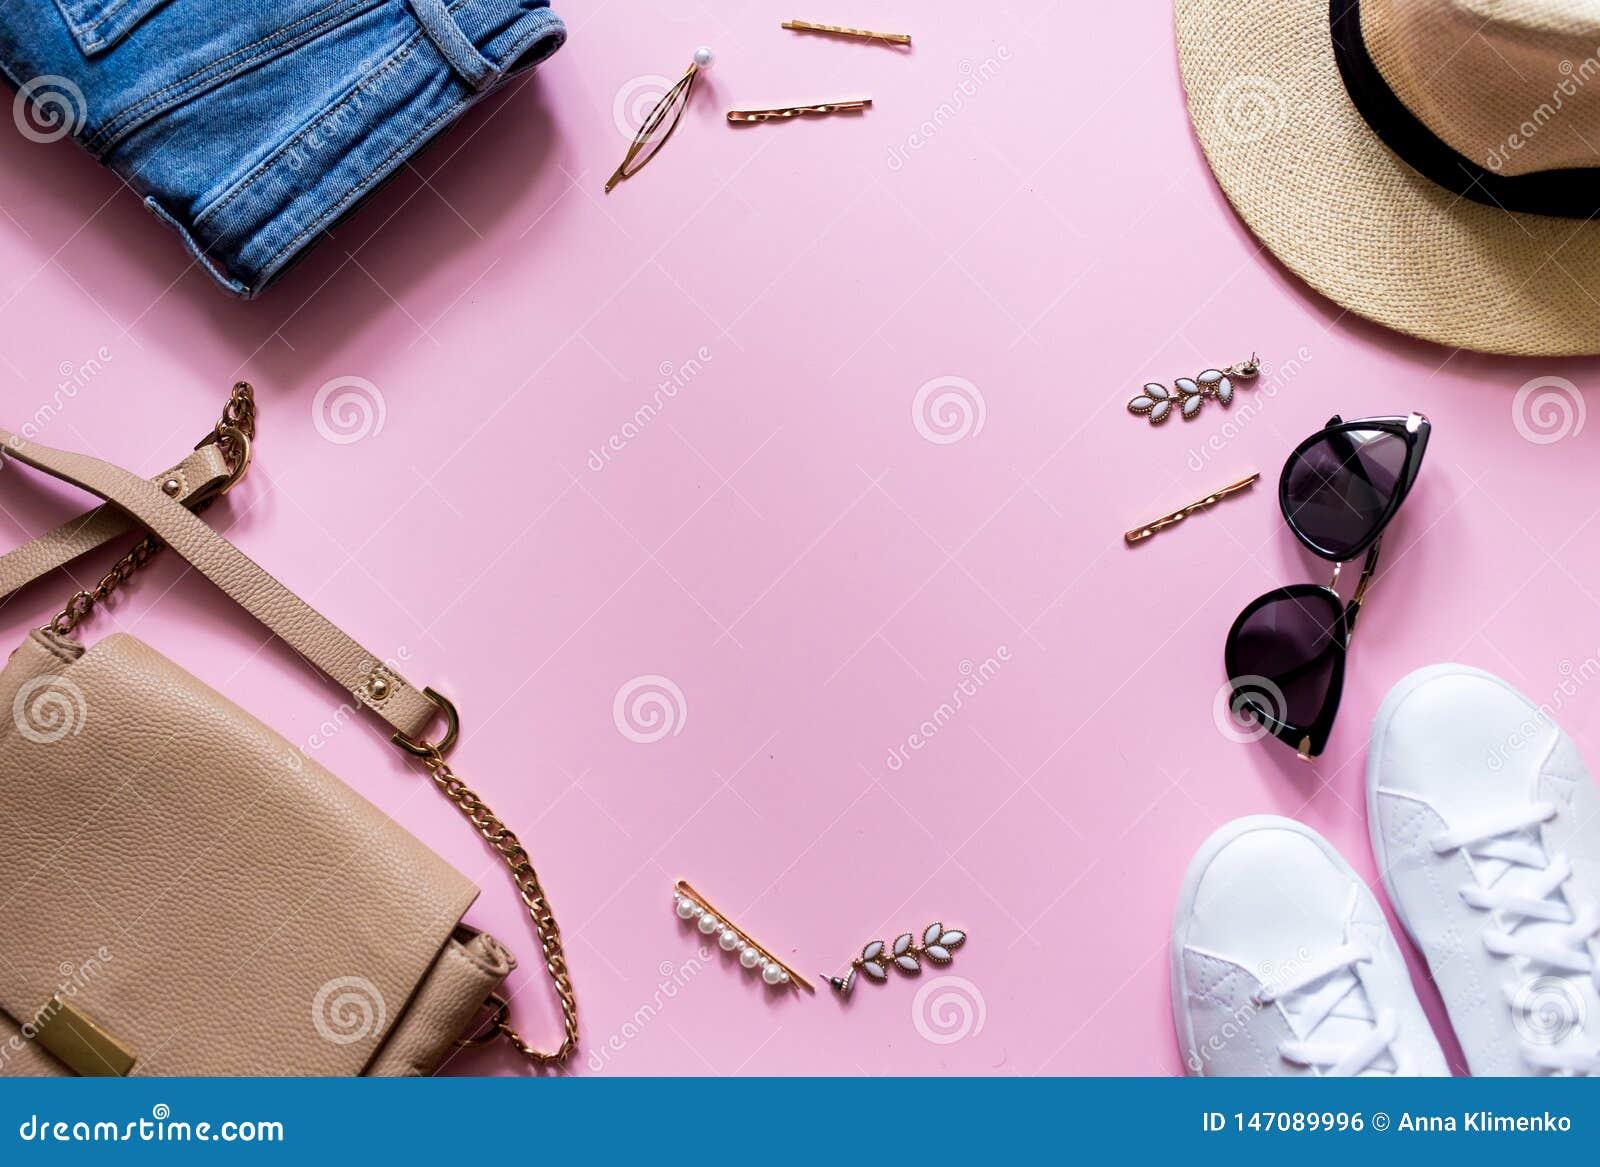 Καθιερώνοντα τη μόδα μοντέρνα θηλυκά ενδύματα flatlay Τζιν, πάνινα παπούτσια, στρογγυλά γυαλιά ηλίου, χρυσός συνδετήρας τρίχας, τ